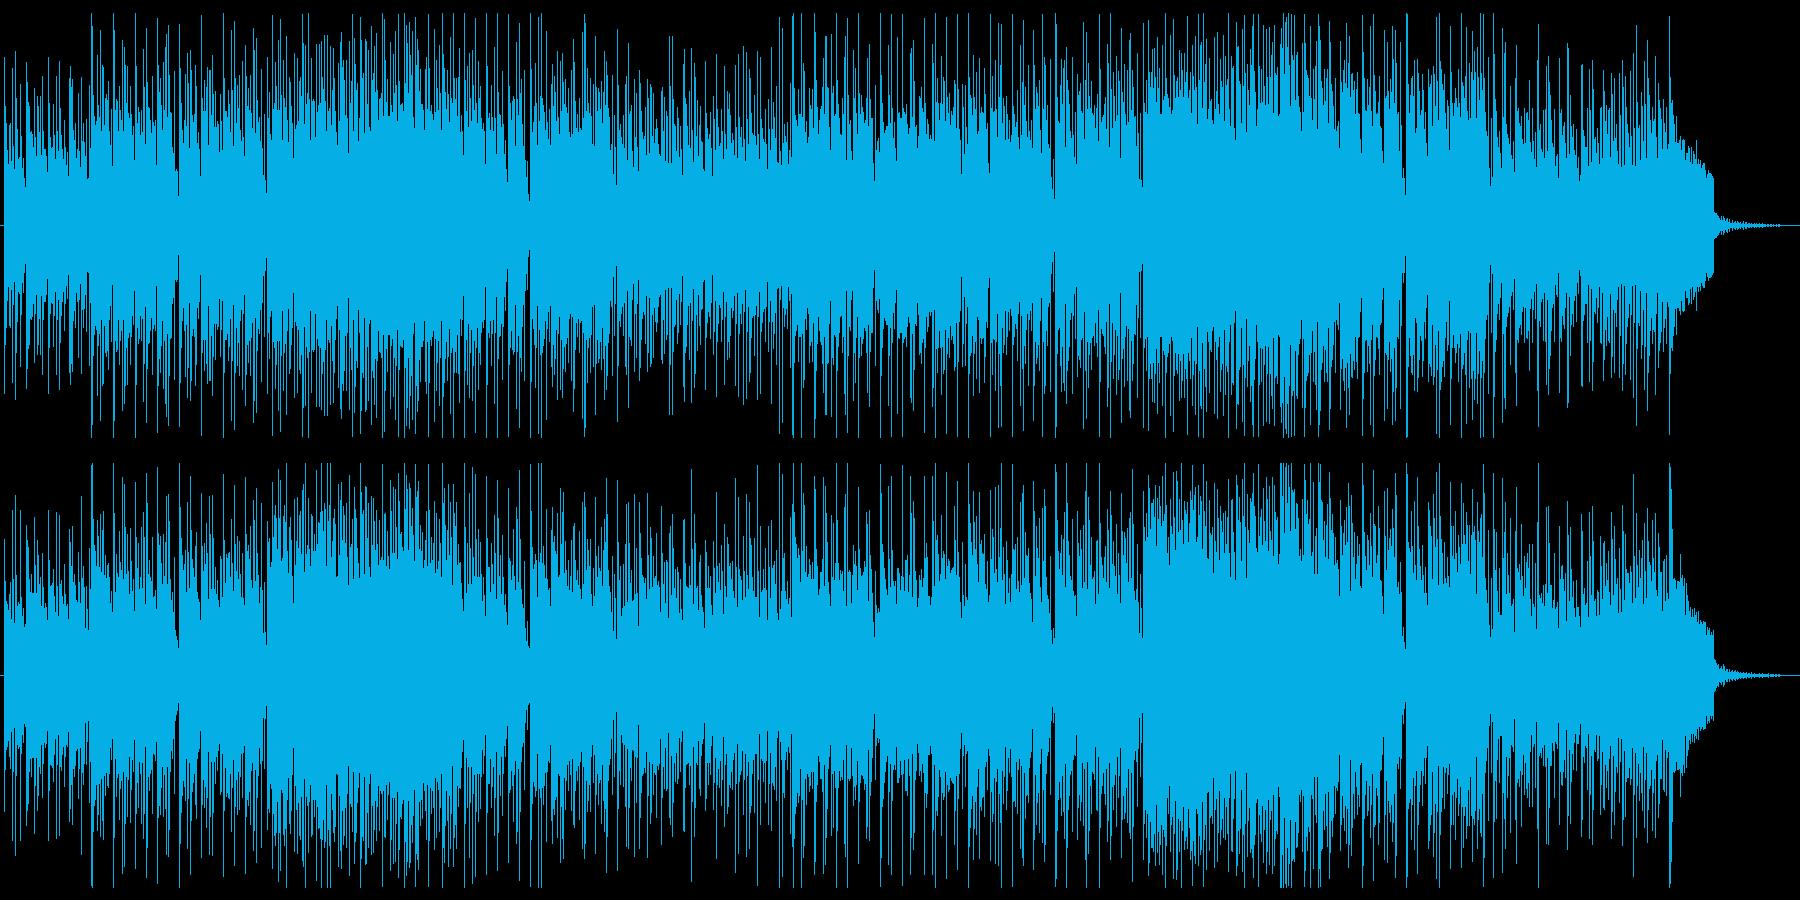 楽しい中華風楽曲の再生済みの波形